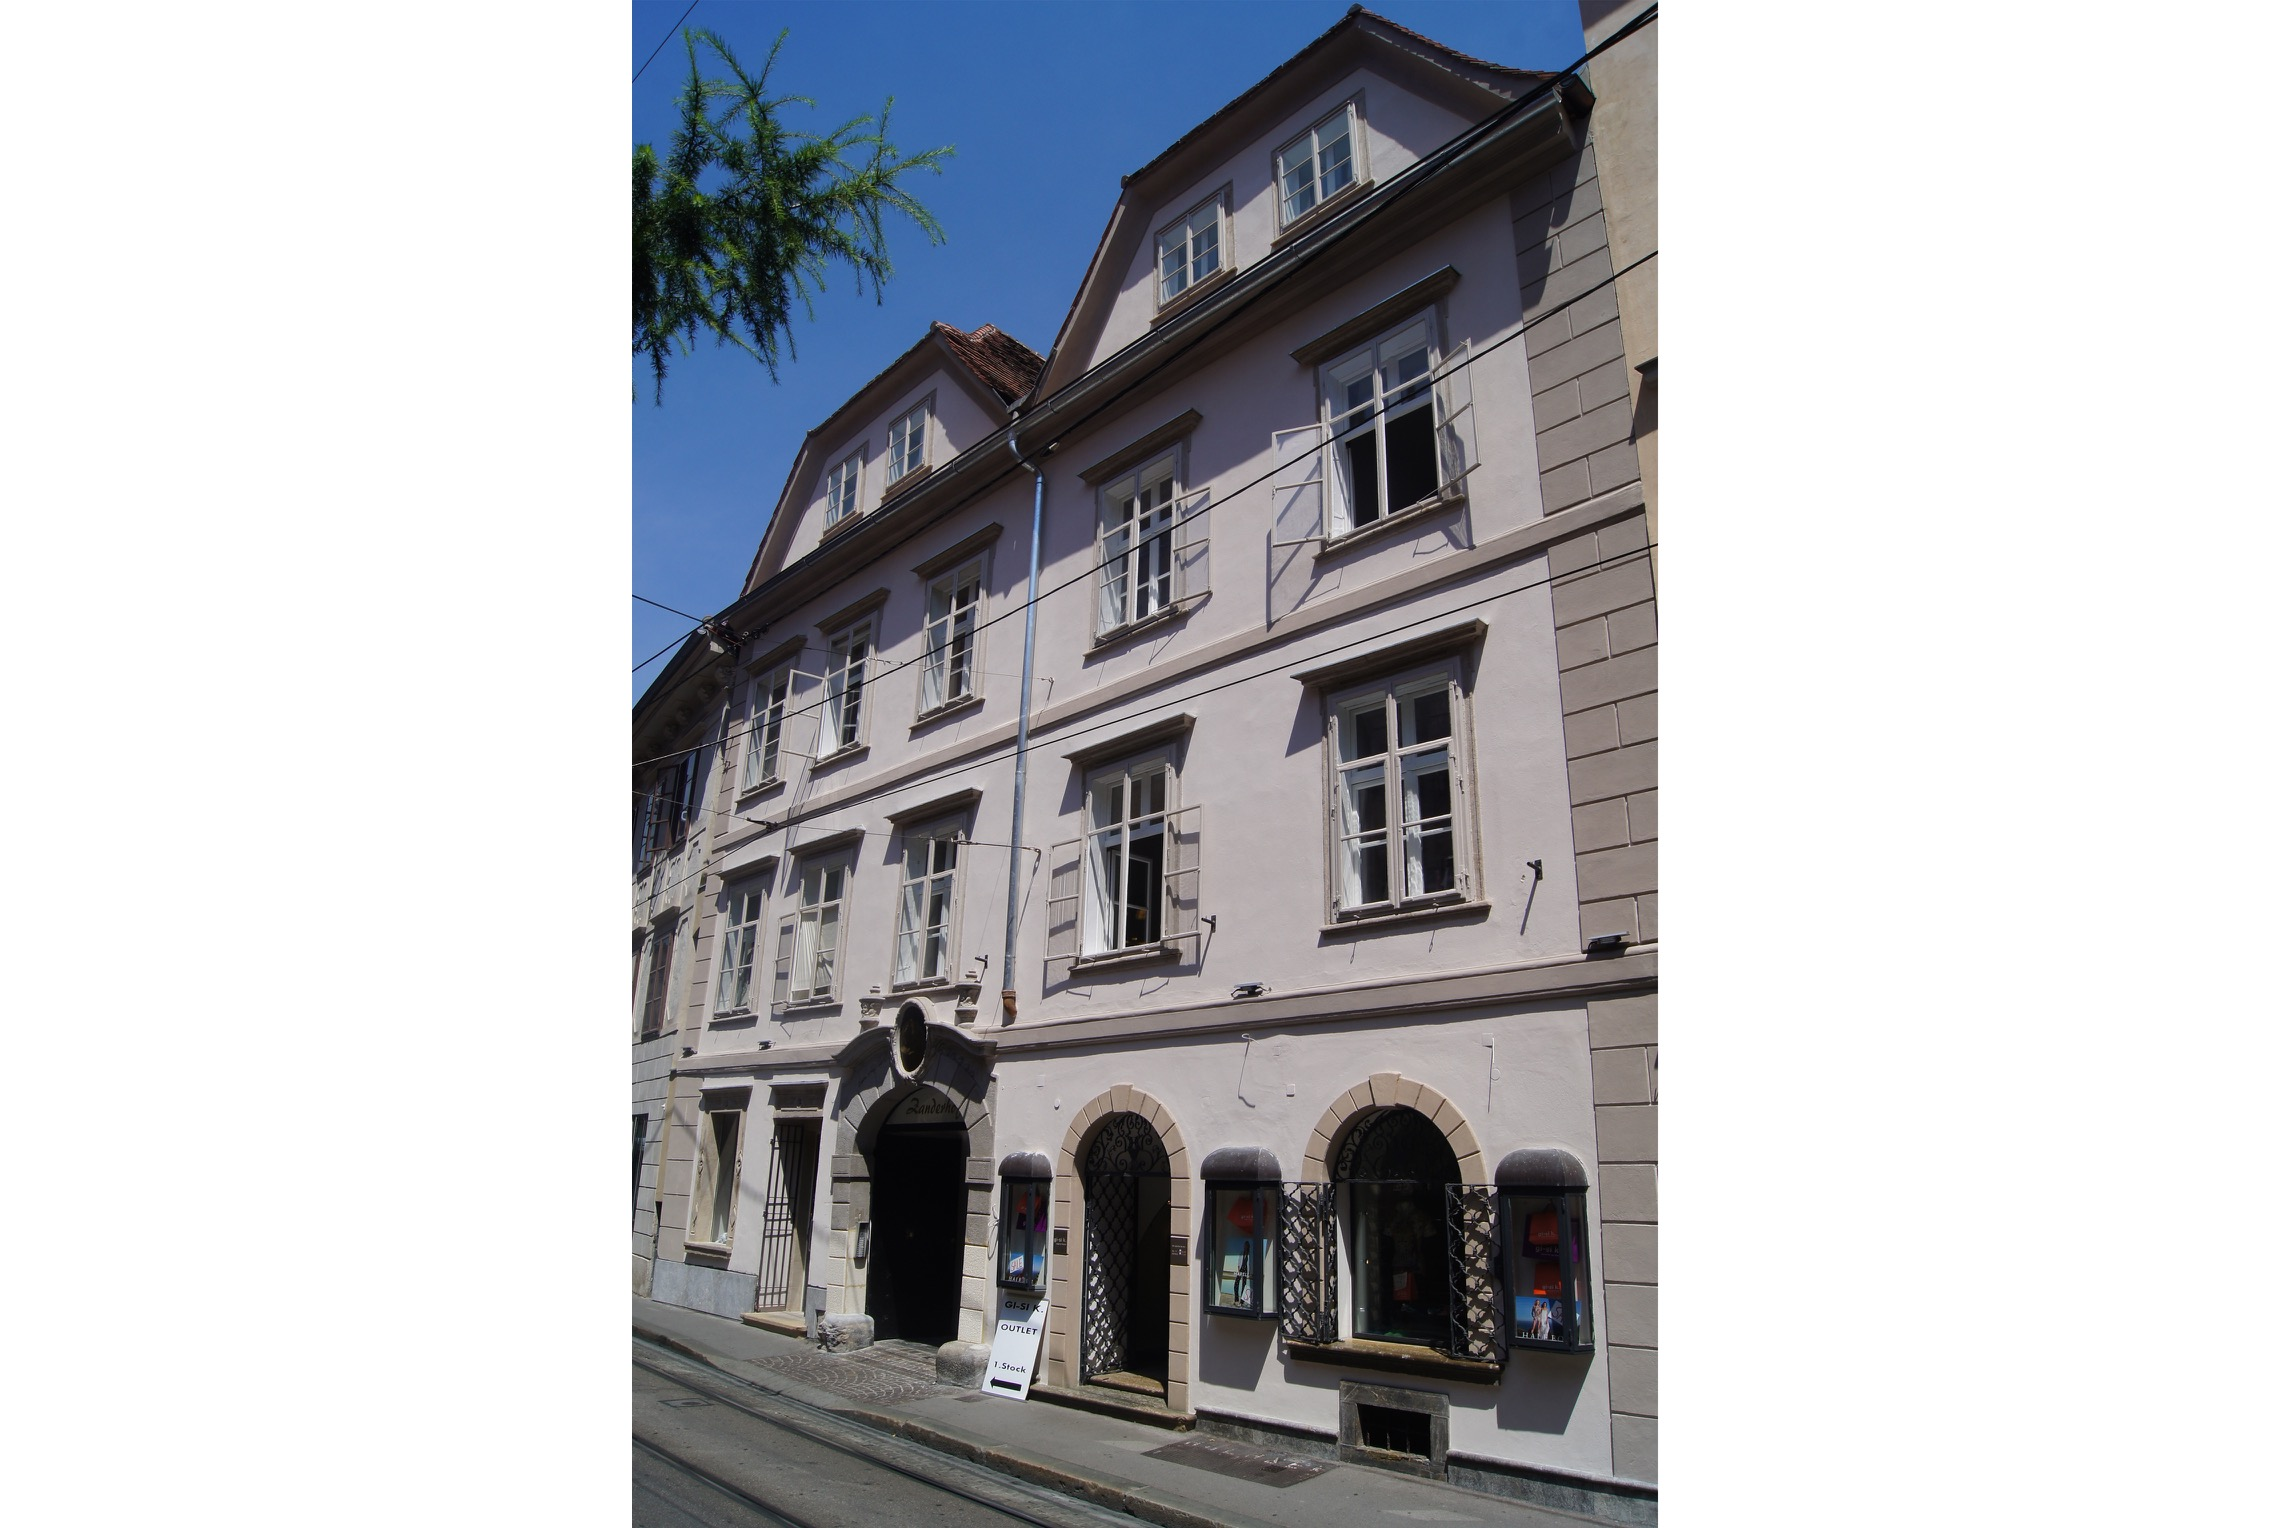 Zanderhof Graz